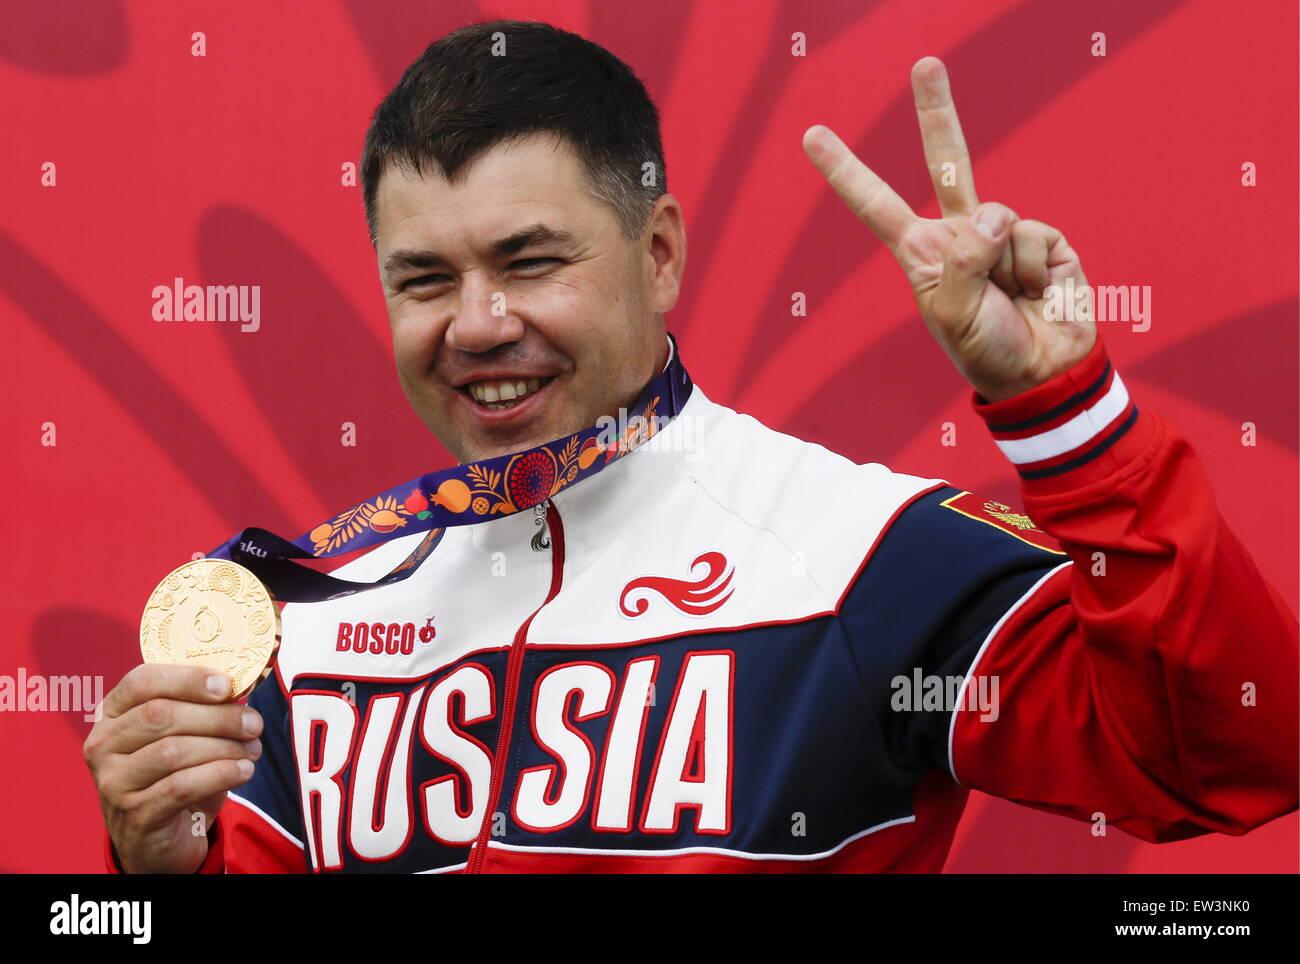 Baku, Azerbaïdjan. 17 Juin, 2015. Médaille d'or de la Russie Alexey Alipov, lors de la cérémonie Photo Stock